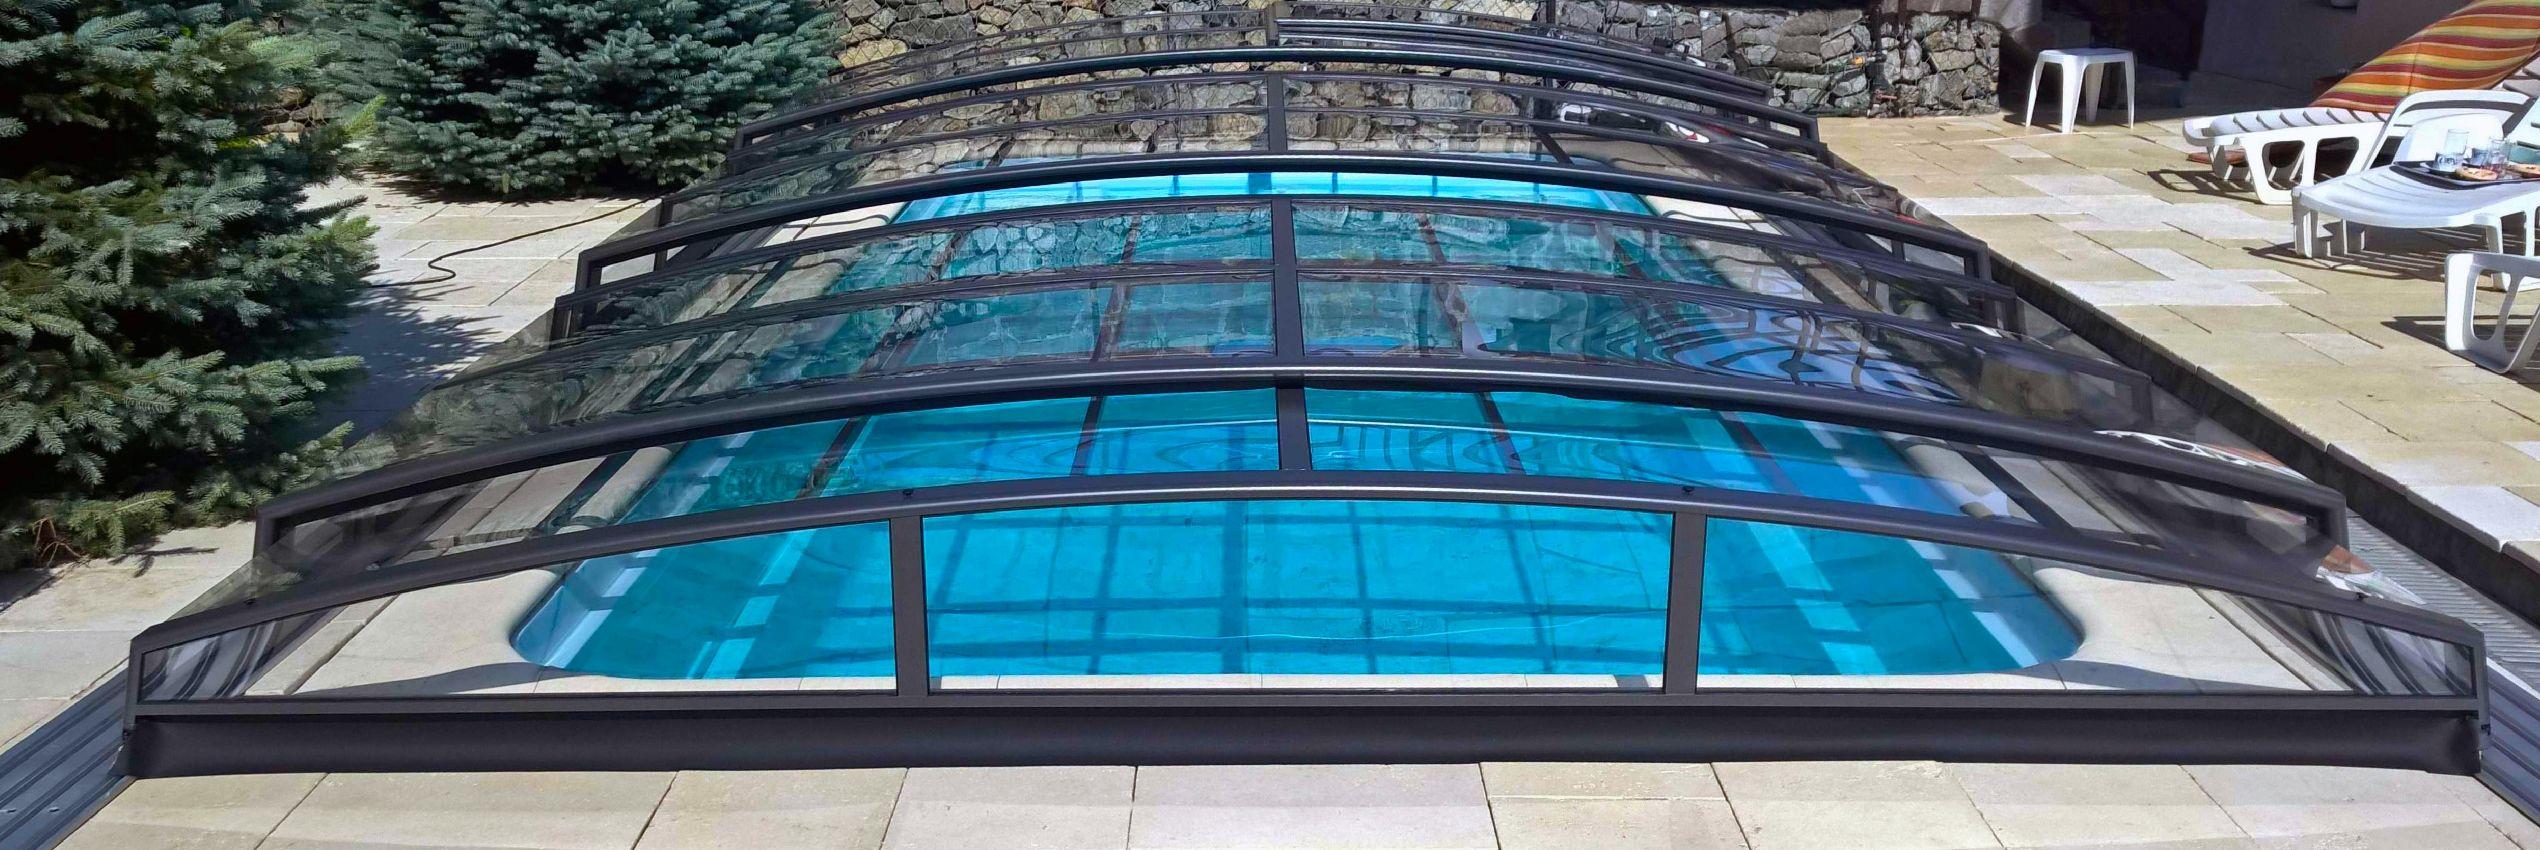 Zastřešení bazénu Azure Angle Kompakt